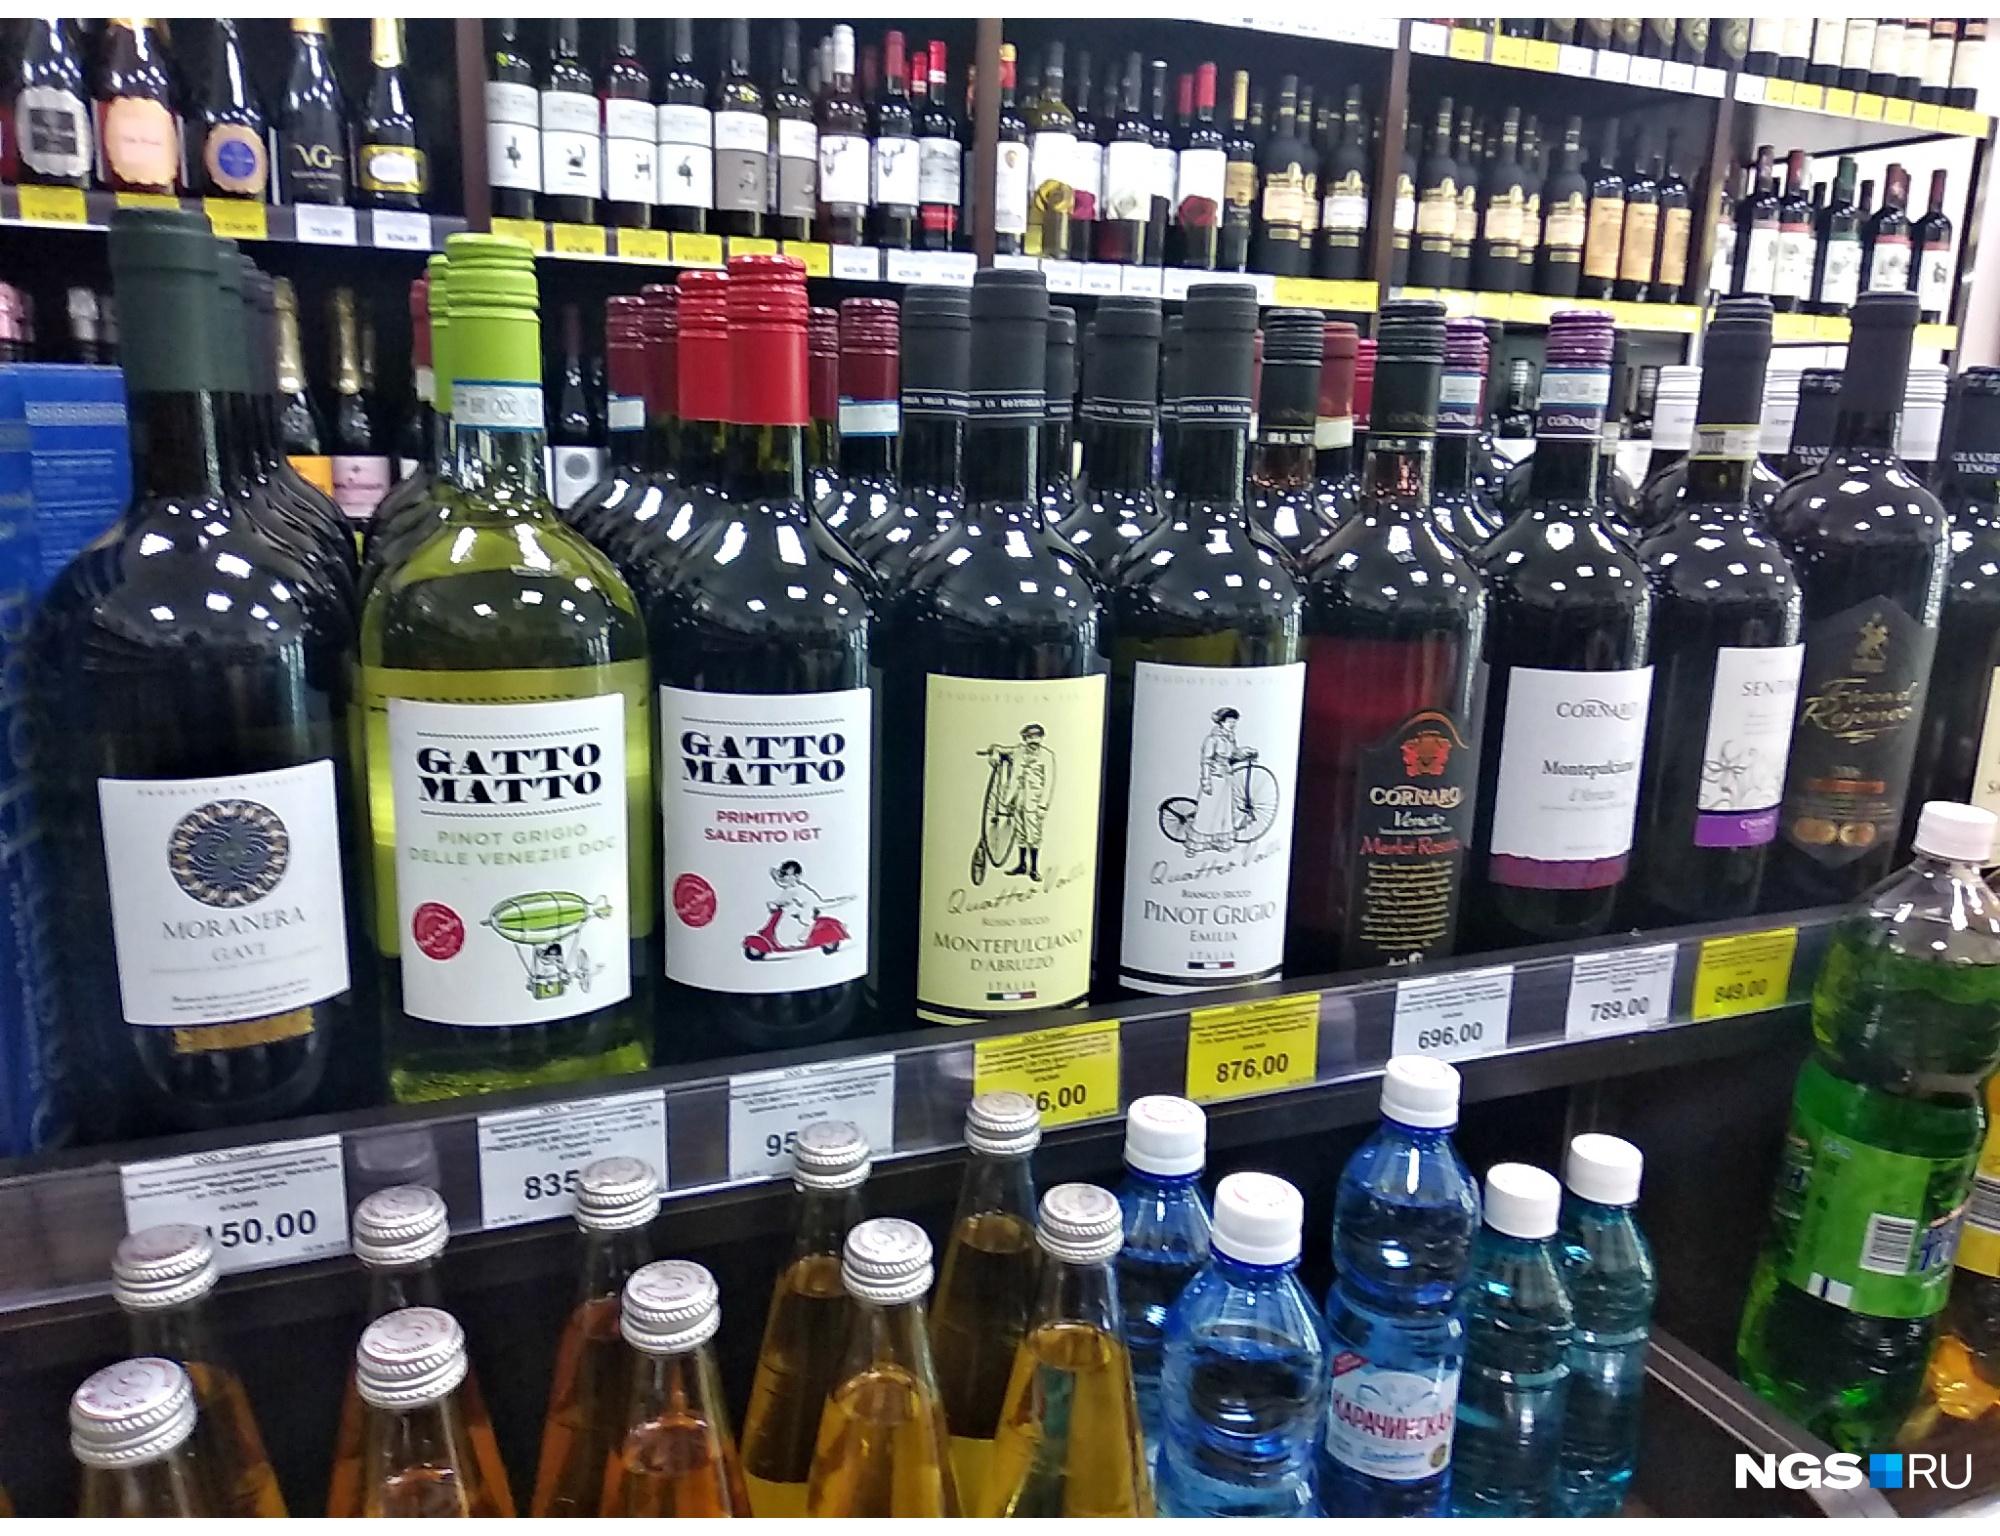 Необъяснимой особенностью магазинов «АлкоСтресс» стало большое количество бутылок большого размера